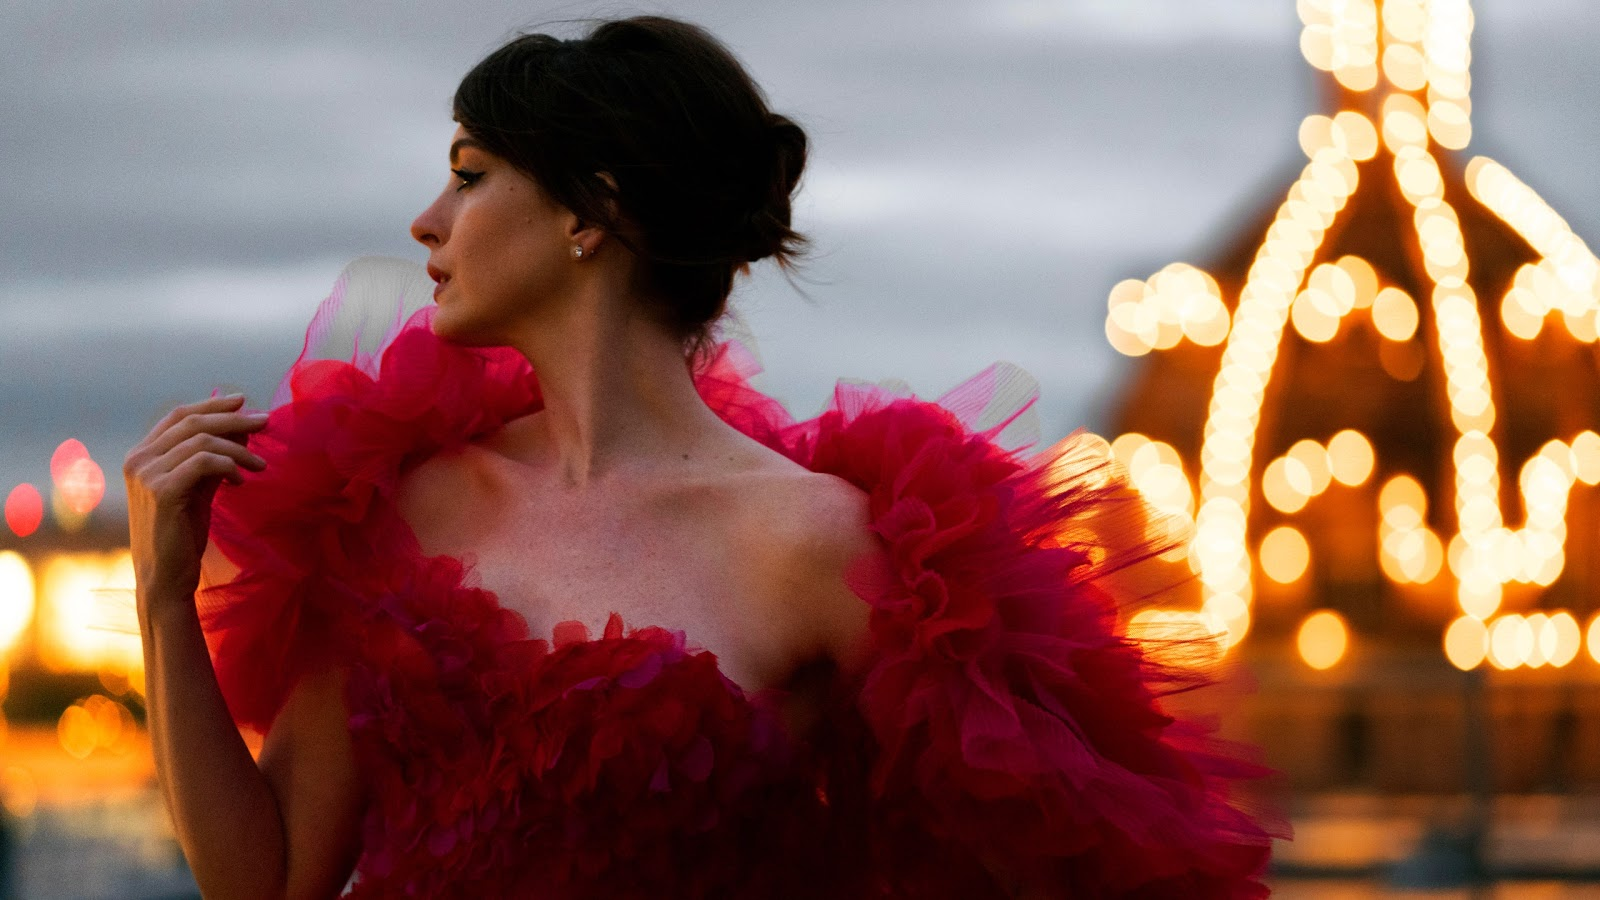 Với sự giúp đỡ của stylist Rebecca Corbin Murray và nhiếp ảnh gia Greg William, tấm ảnh đăng tải trên Instagram cá nhân của Anne Hathaway ngay lập tức thu hút mọi sự quan tâm và yêu thích của các tín đồ điện ảnh lẫn thời trang.